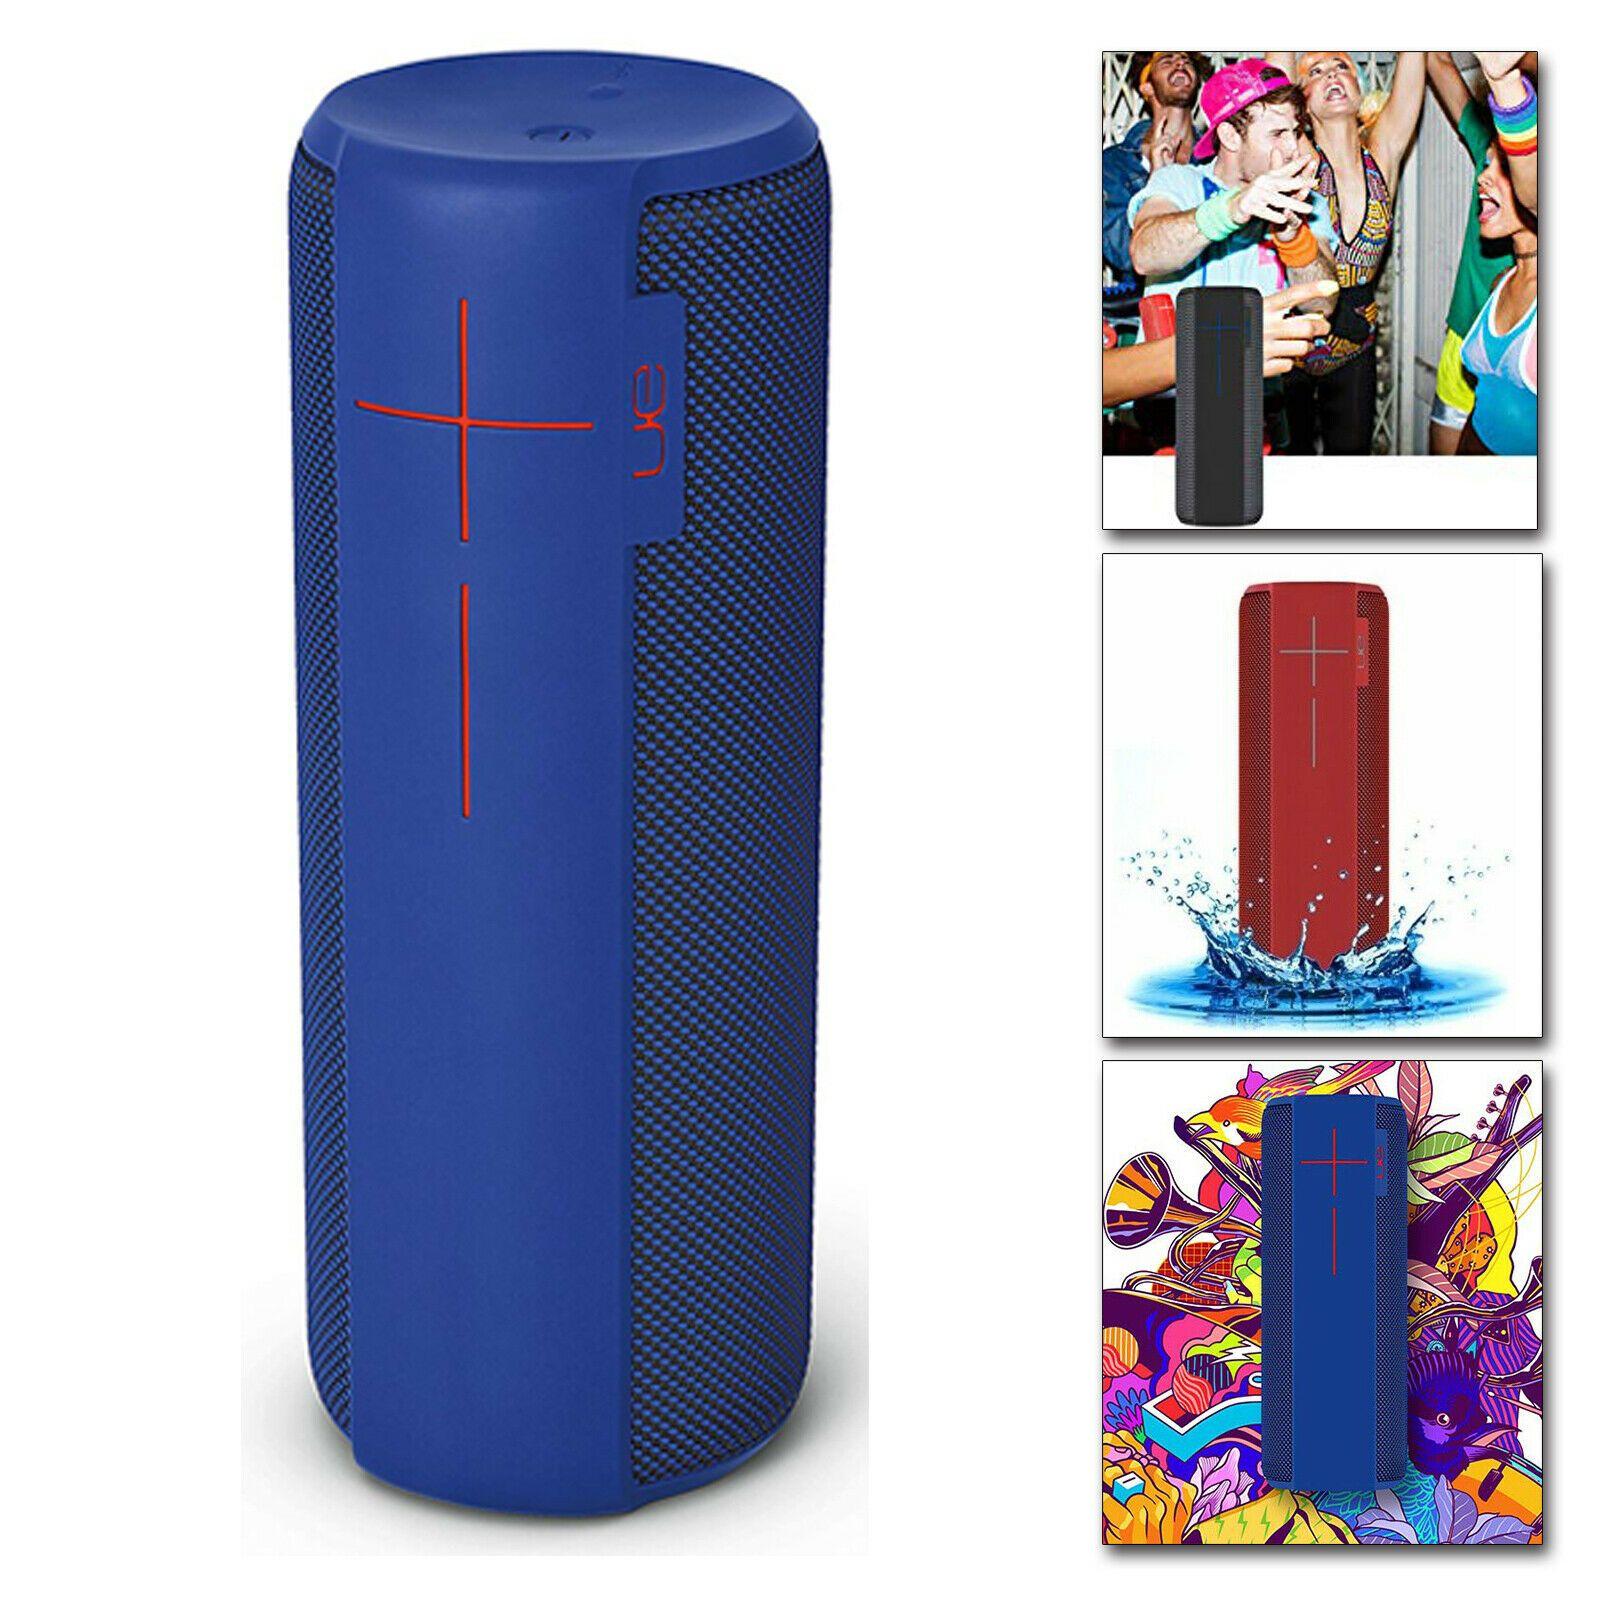 Ue Megaboom Portable Bluetooth Speaker Waterproof Super Bass Black Red Waterproof Bluetooth Speaker Wireless Speakers Bluetooth Bluetooth Speakers Portable